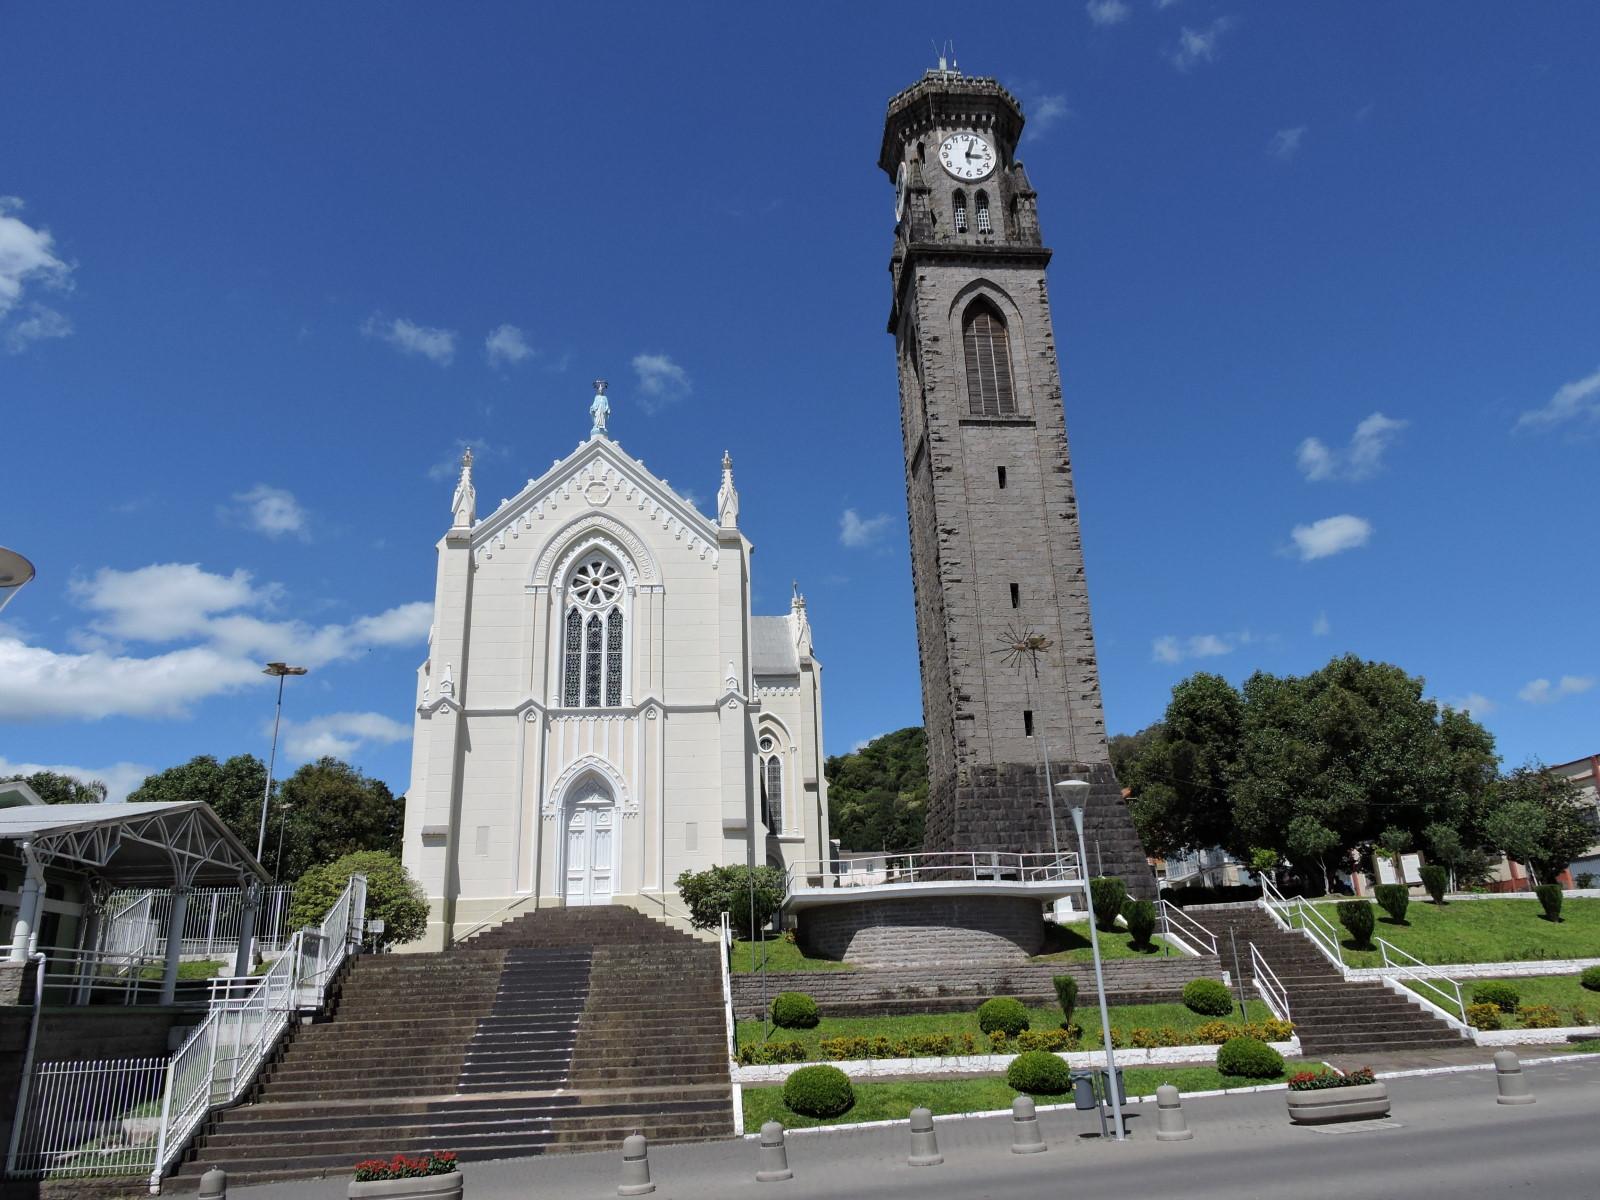 La chiesa Nostra Signora di Lourdes con il suo campanile in pietra